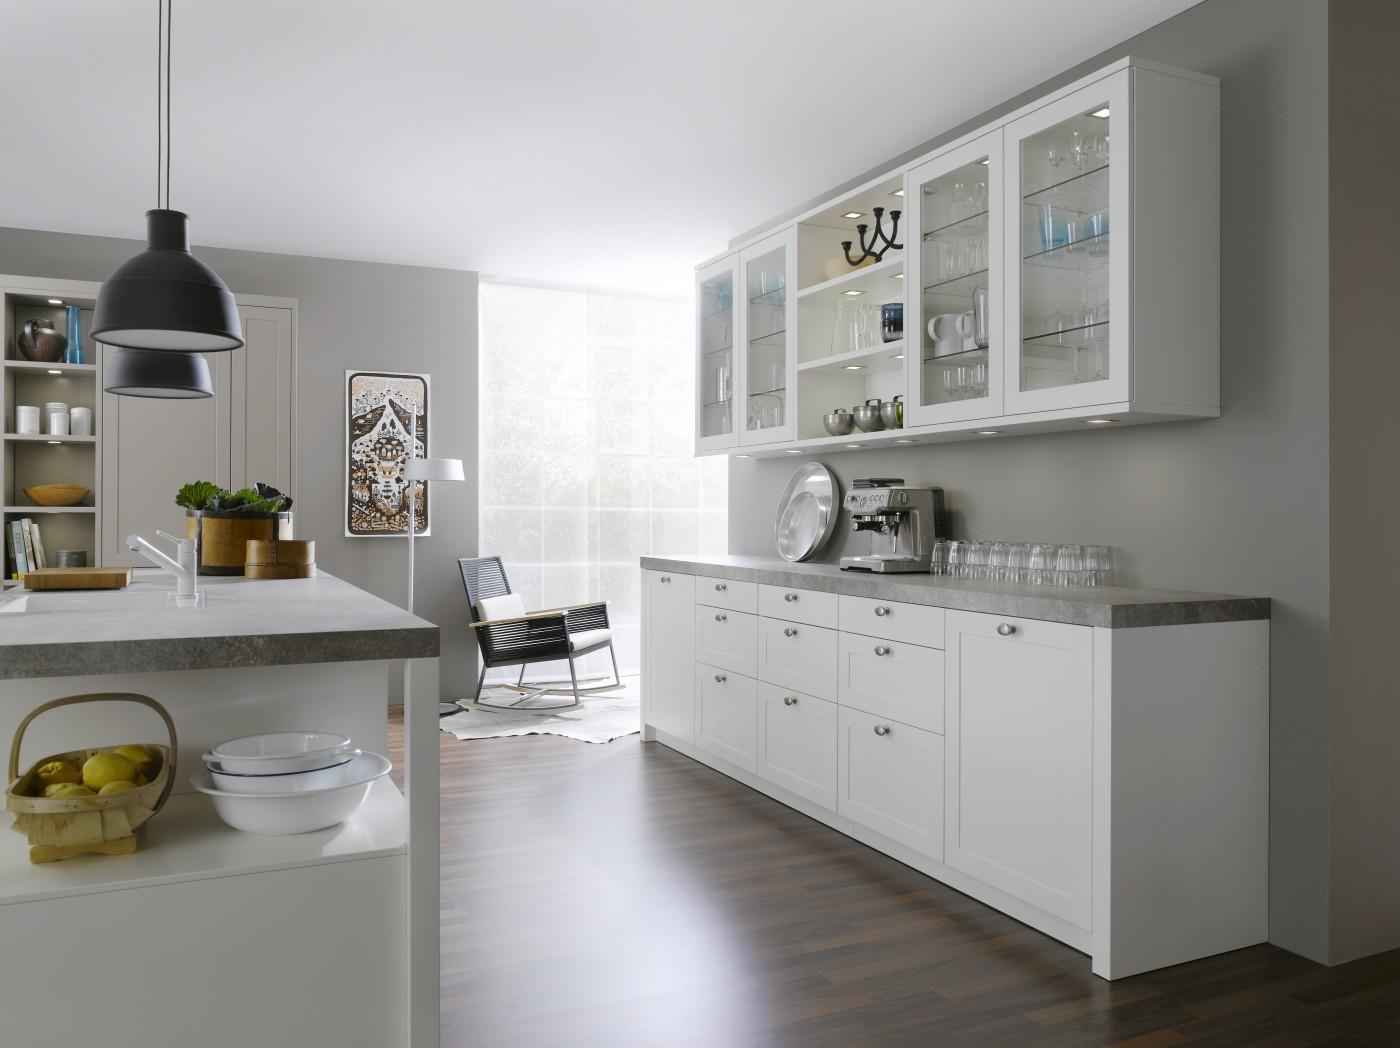 LEICHT Carre-FS Kitchens - Luxury Contemporary Kitchen From Elan